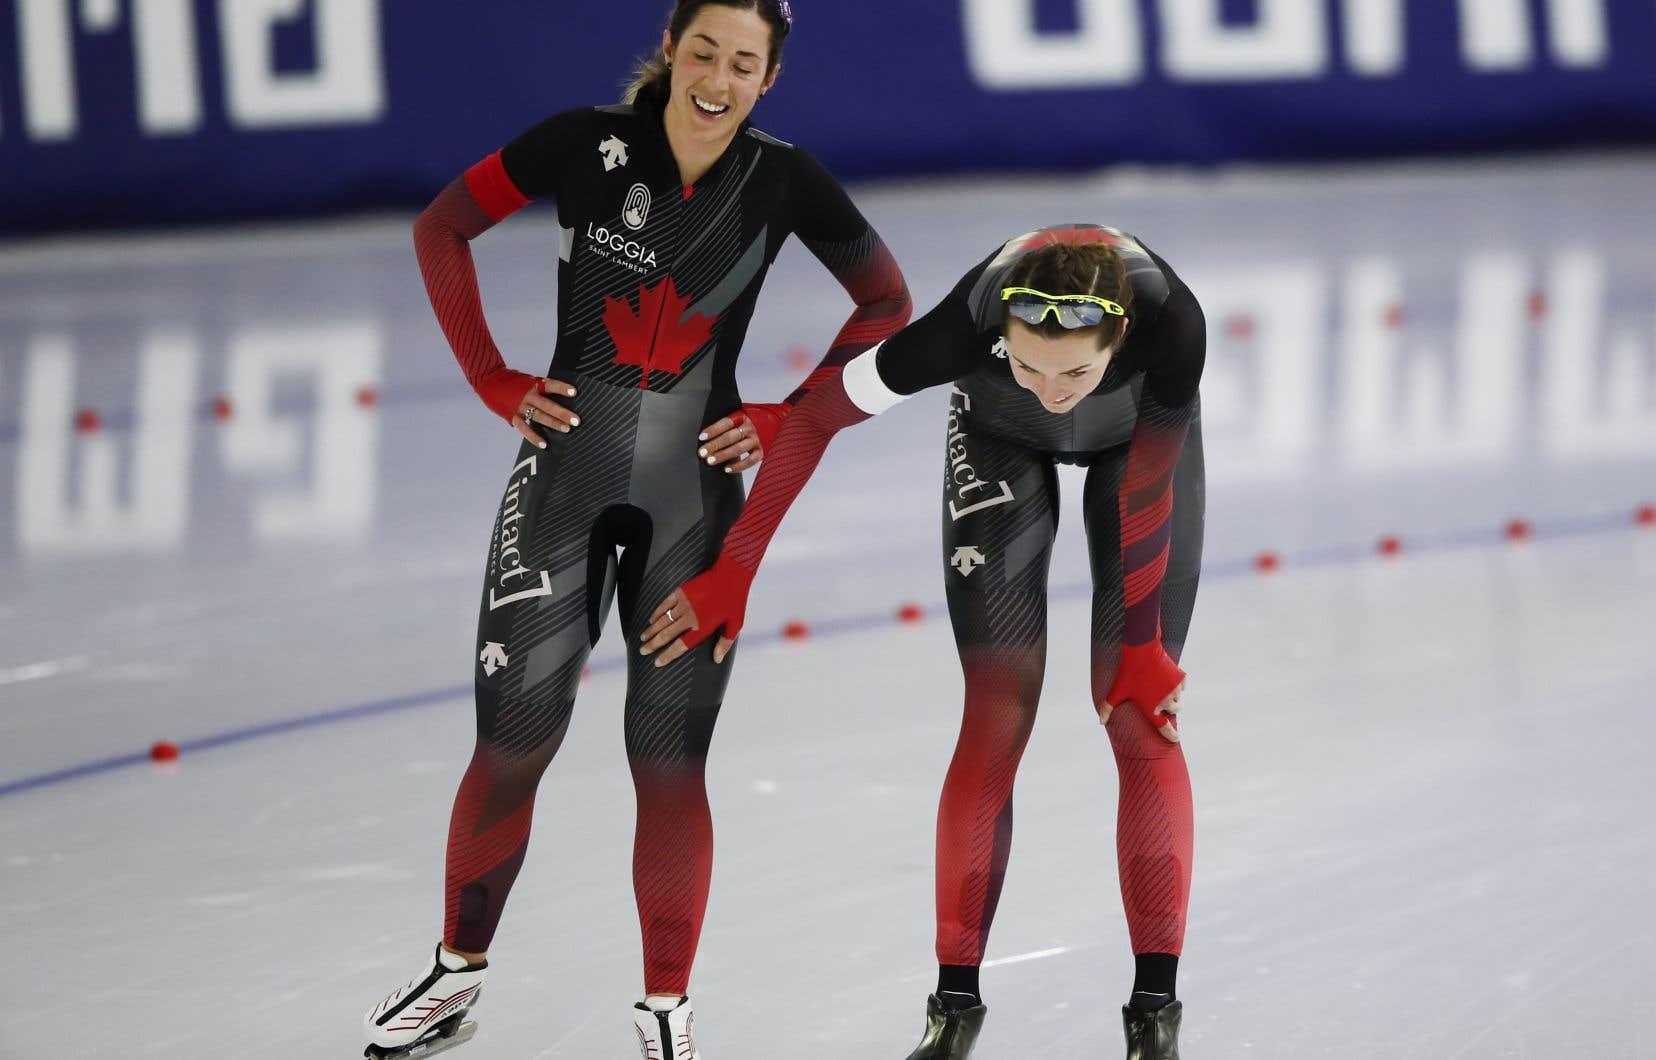 La Québécoise Valérie Maltais et l'Ontarienne Isabelle Weidemann ont terminé respectivement huitième et cinquième au 3000m aux Championnats du monde de patinage de vitesse longue piste de Heerenveen.